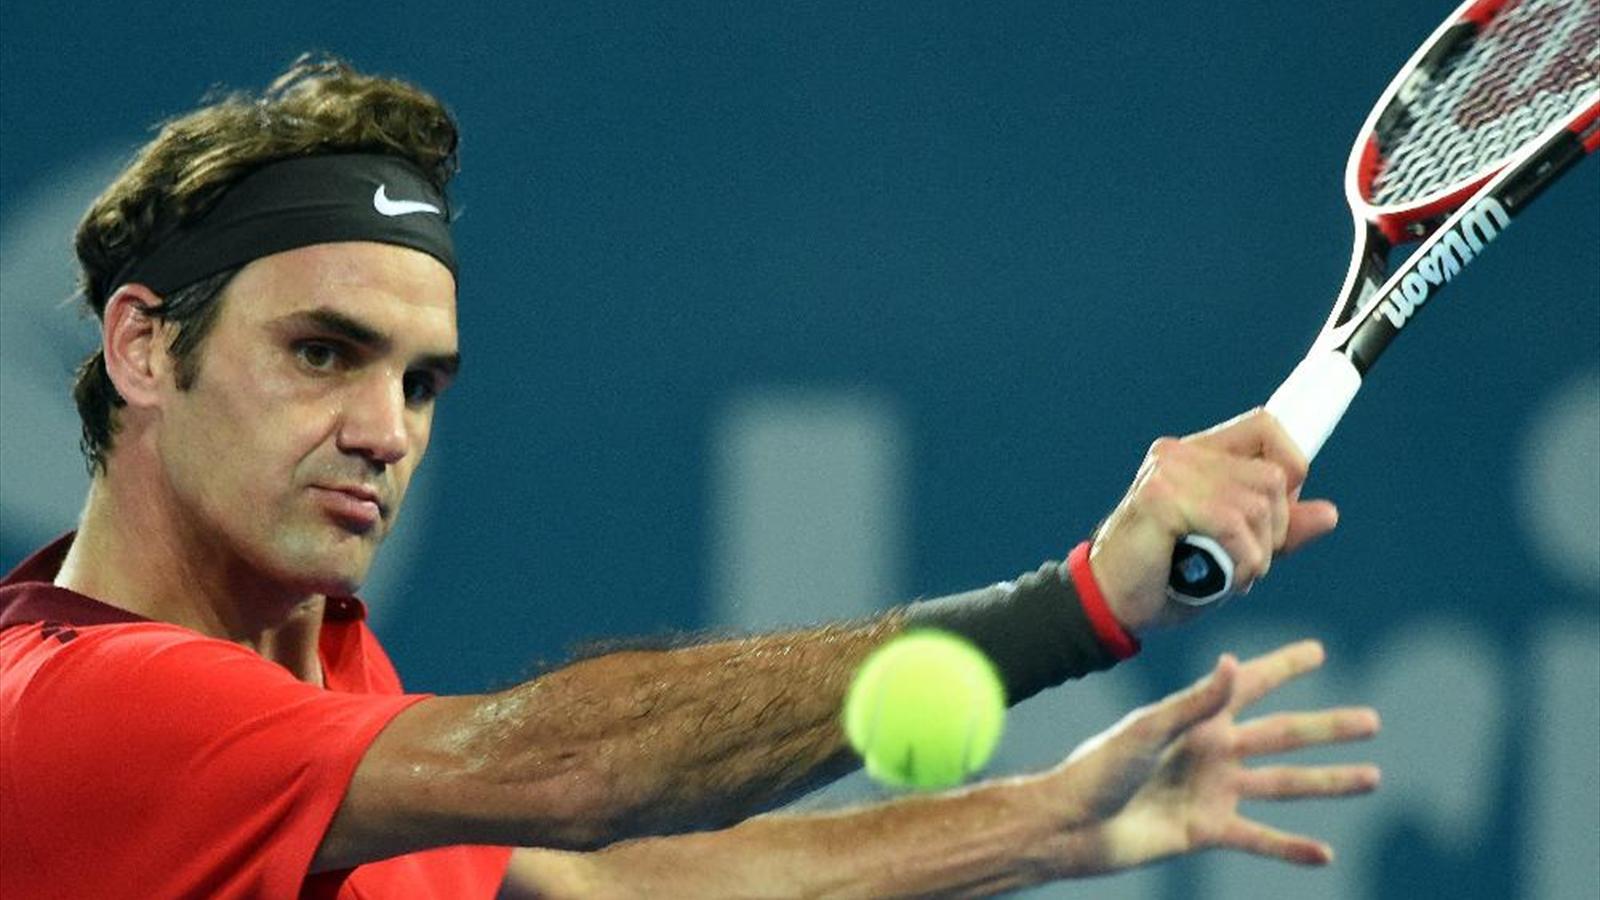 Роджер Федерер: «В финале у меня будет небольшое преимущество над Милошем Раоничем